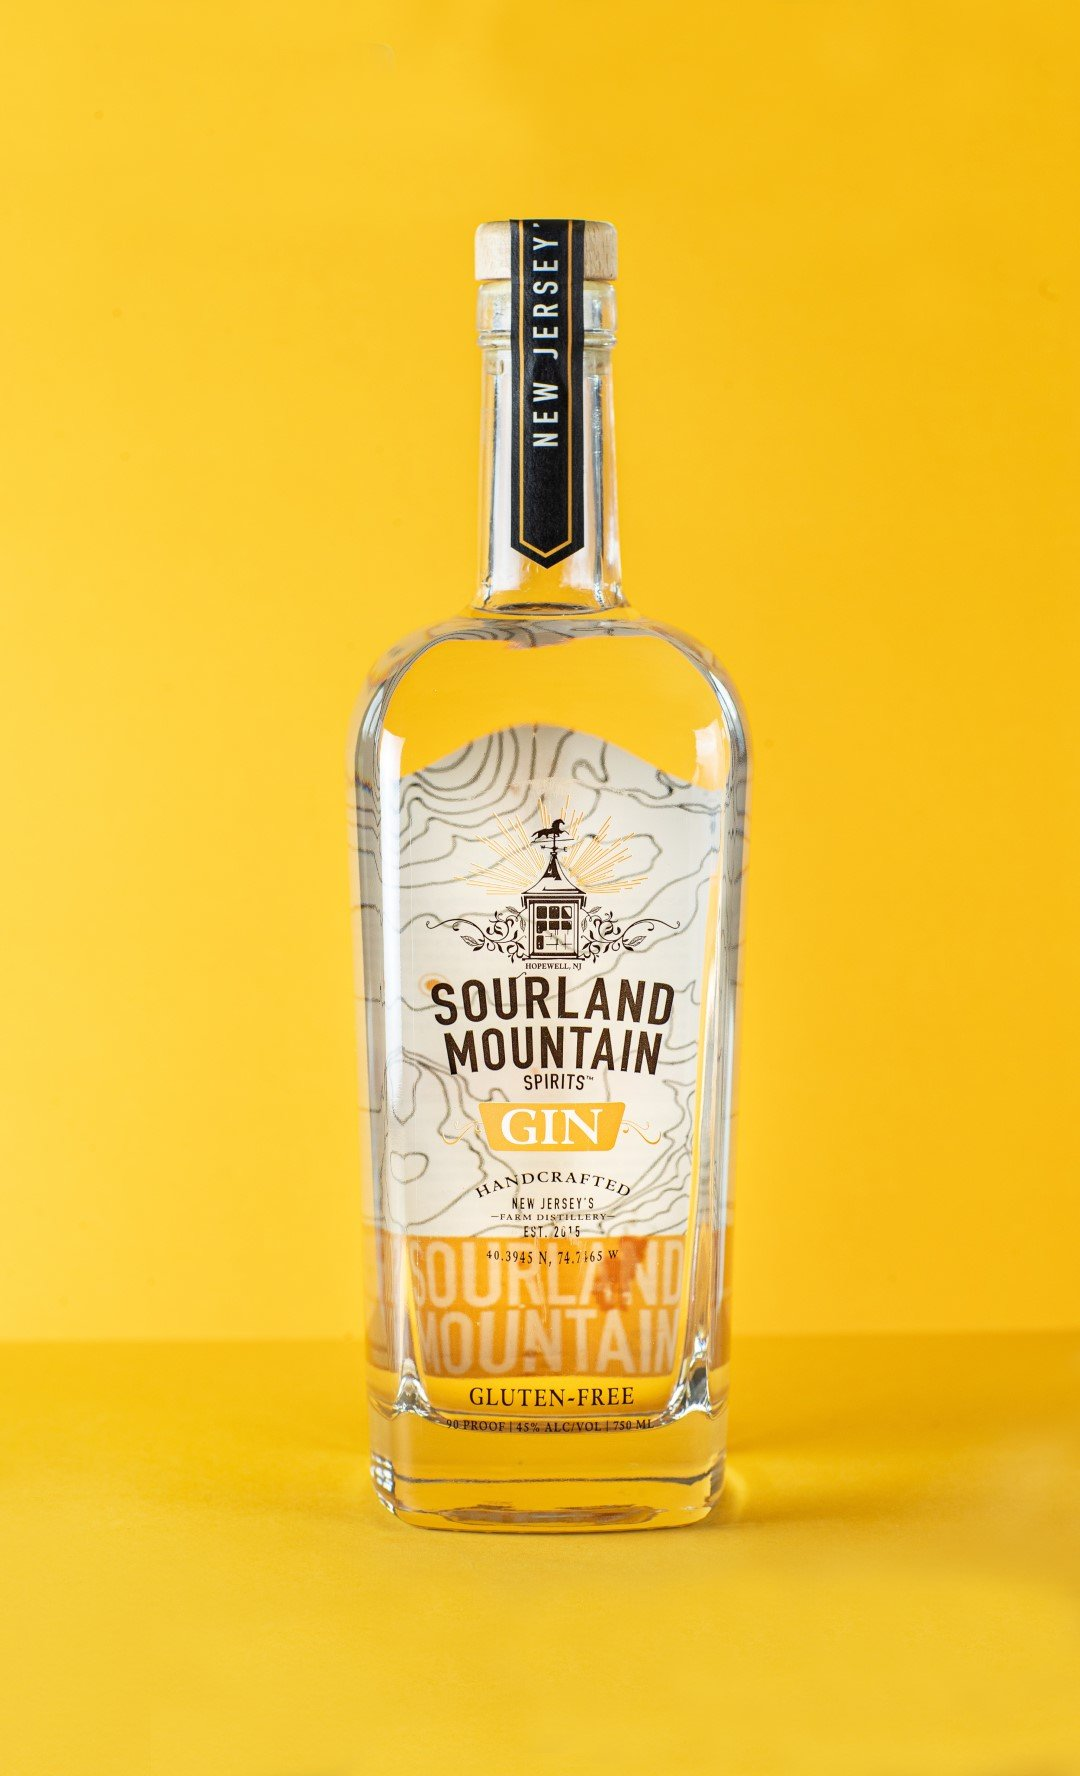 Sourland Mountain Gin